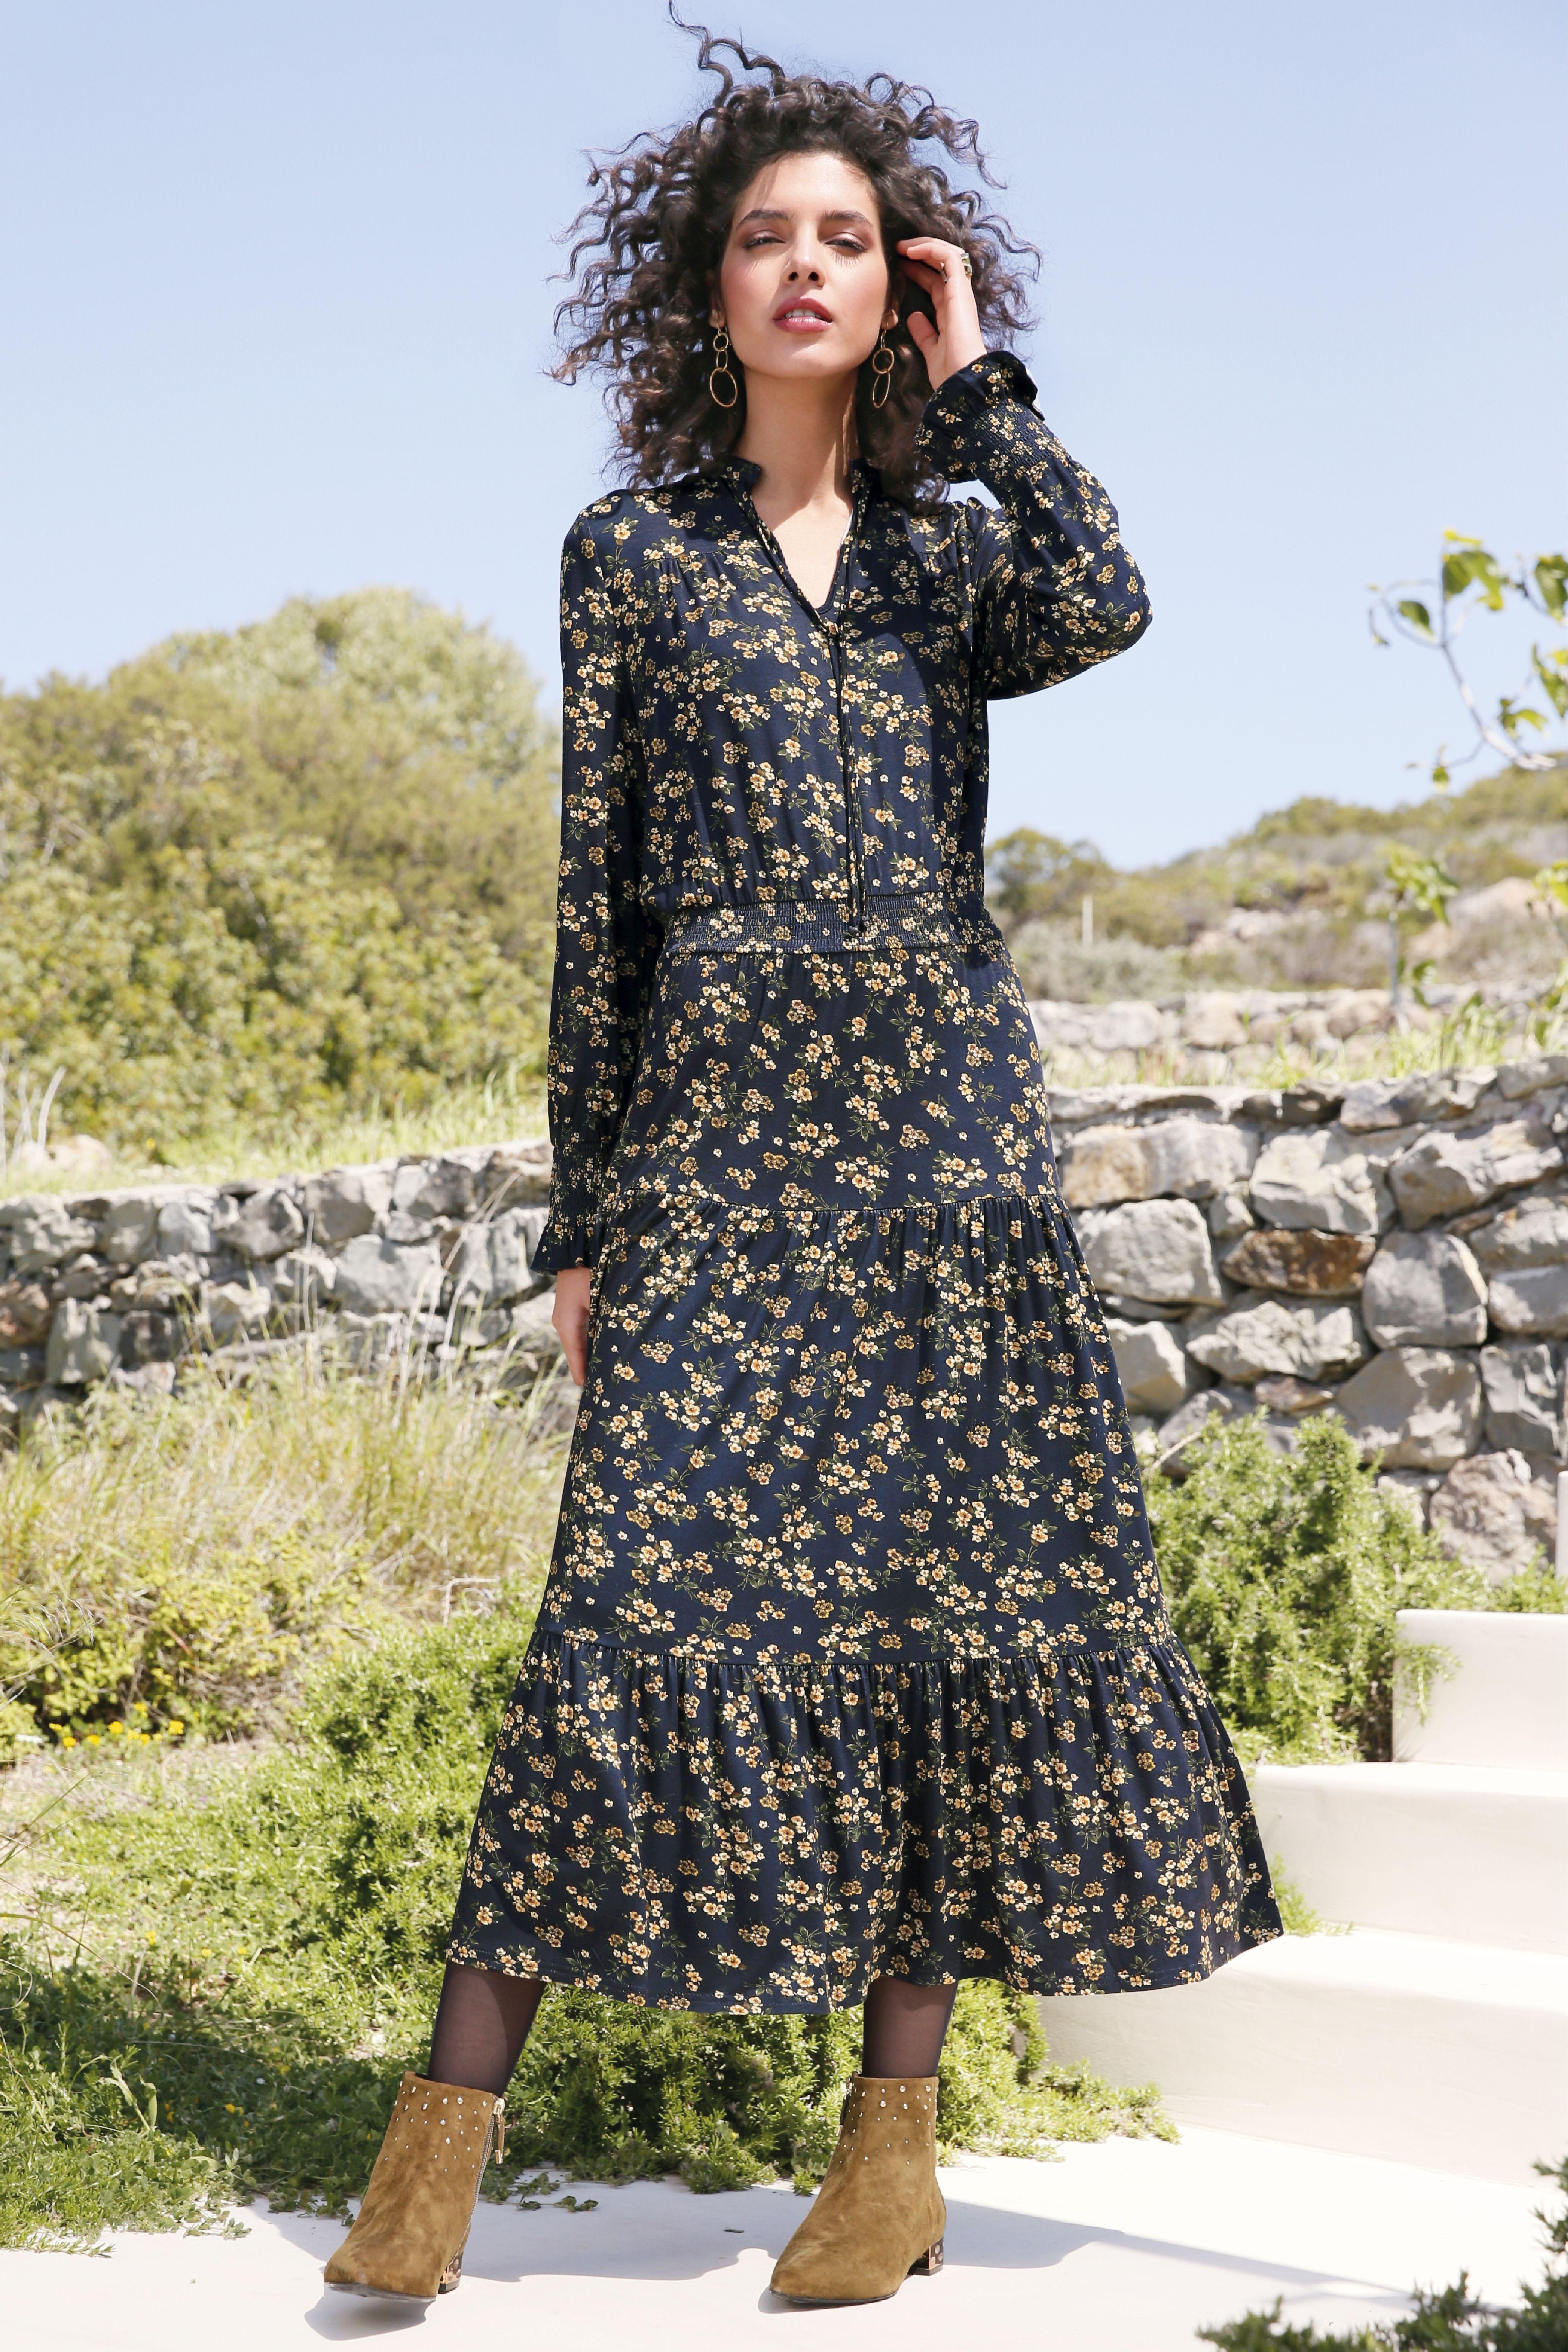 Jersey Dress - PETER HAHN | Long sleeve jersey dress